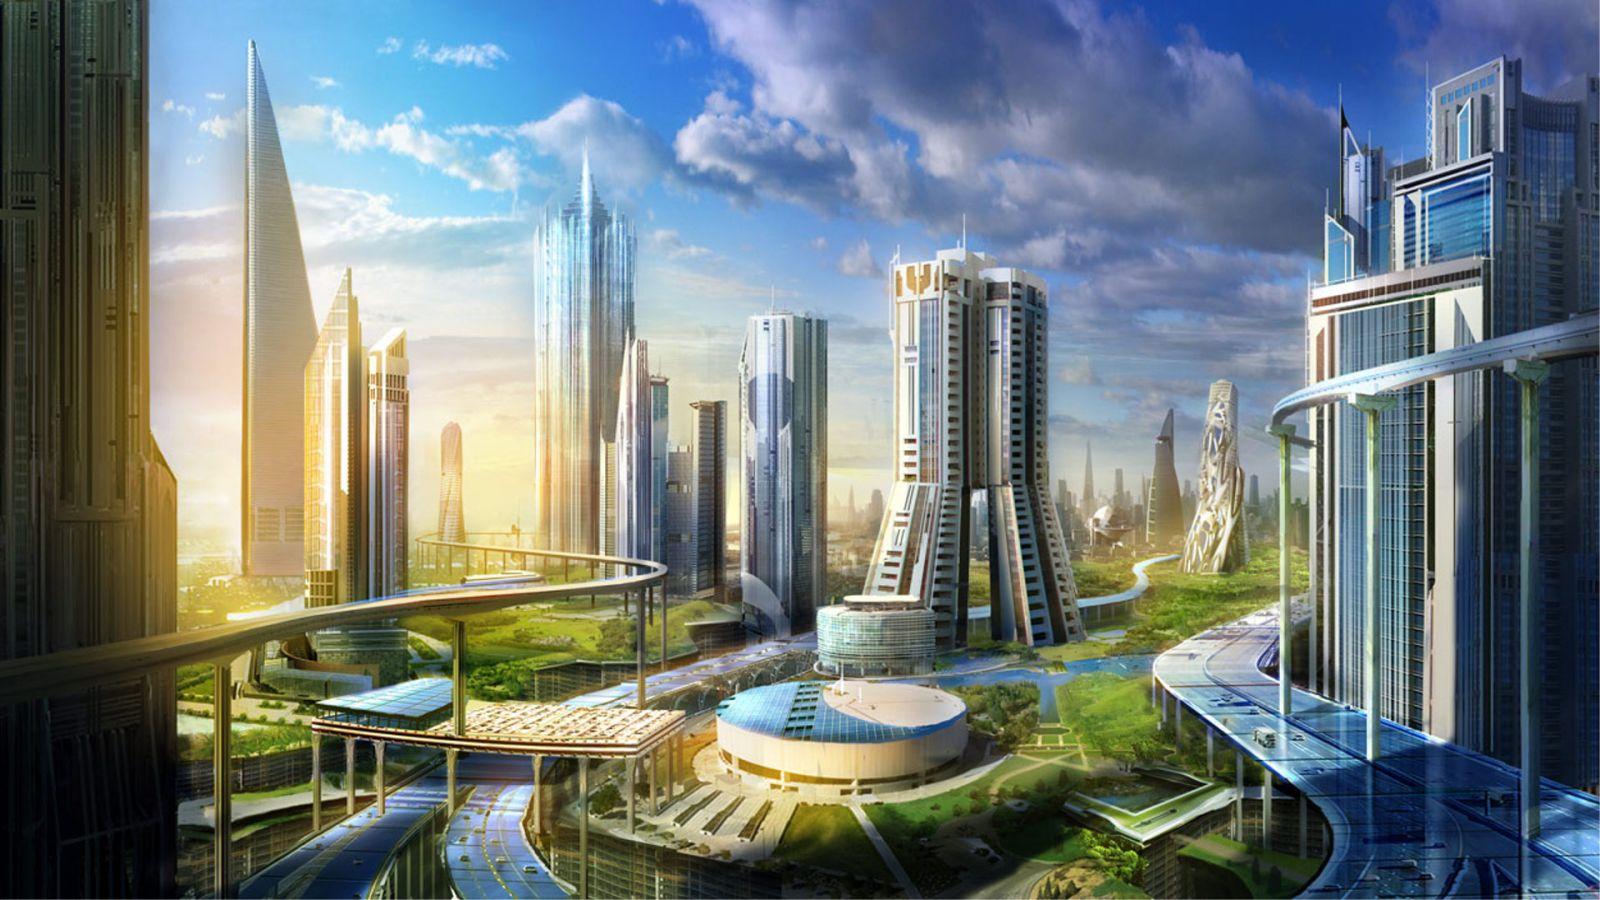 города будущего картинки